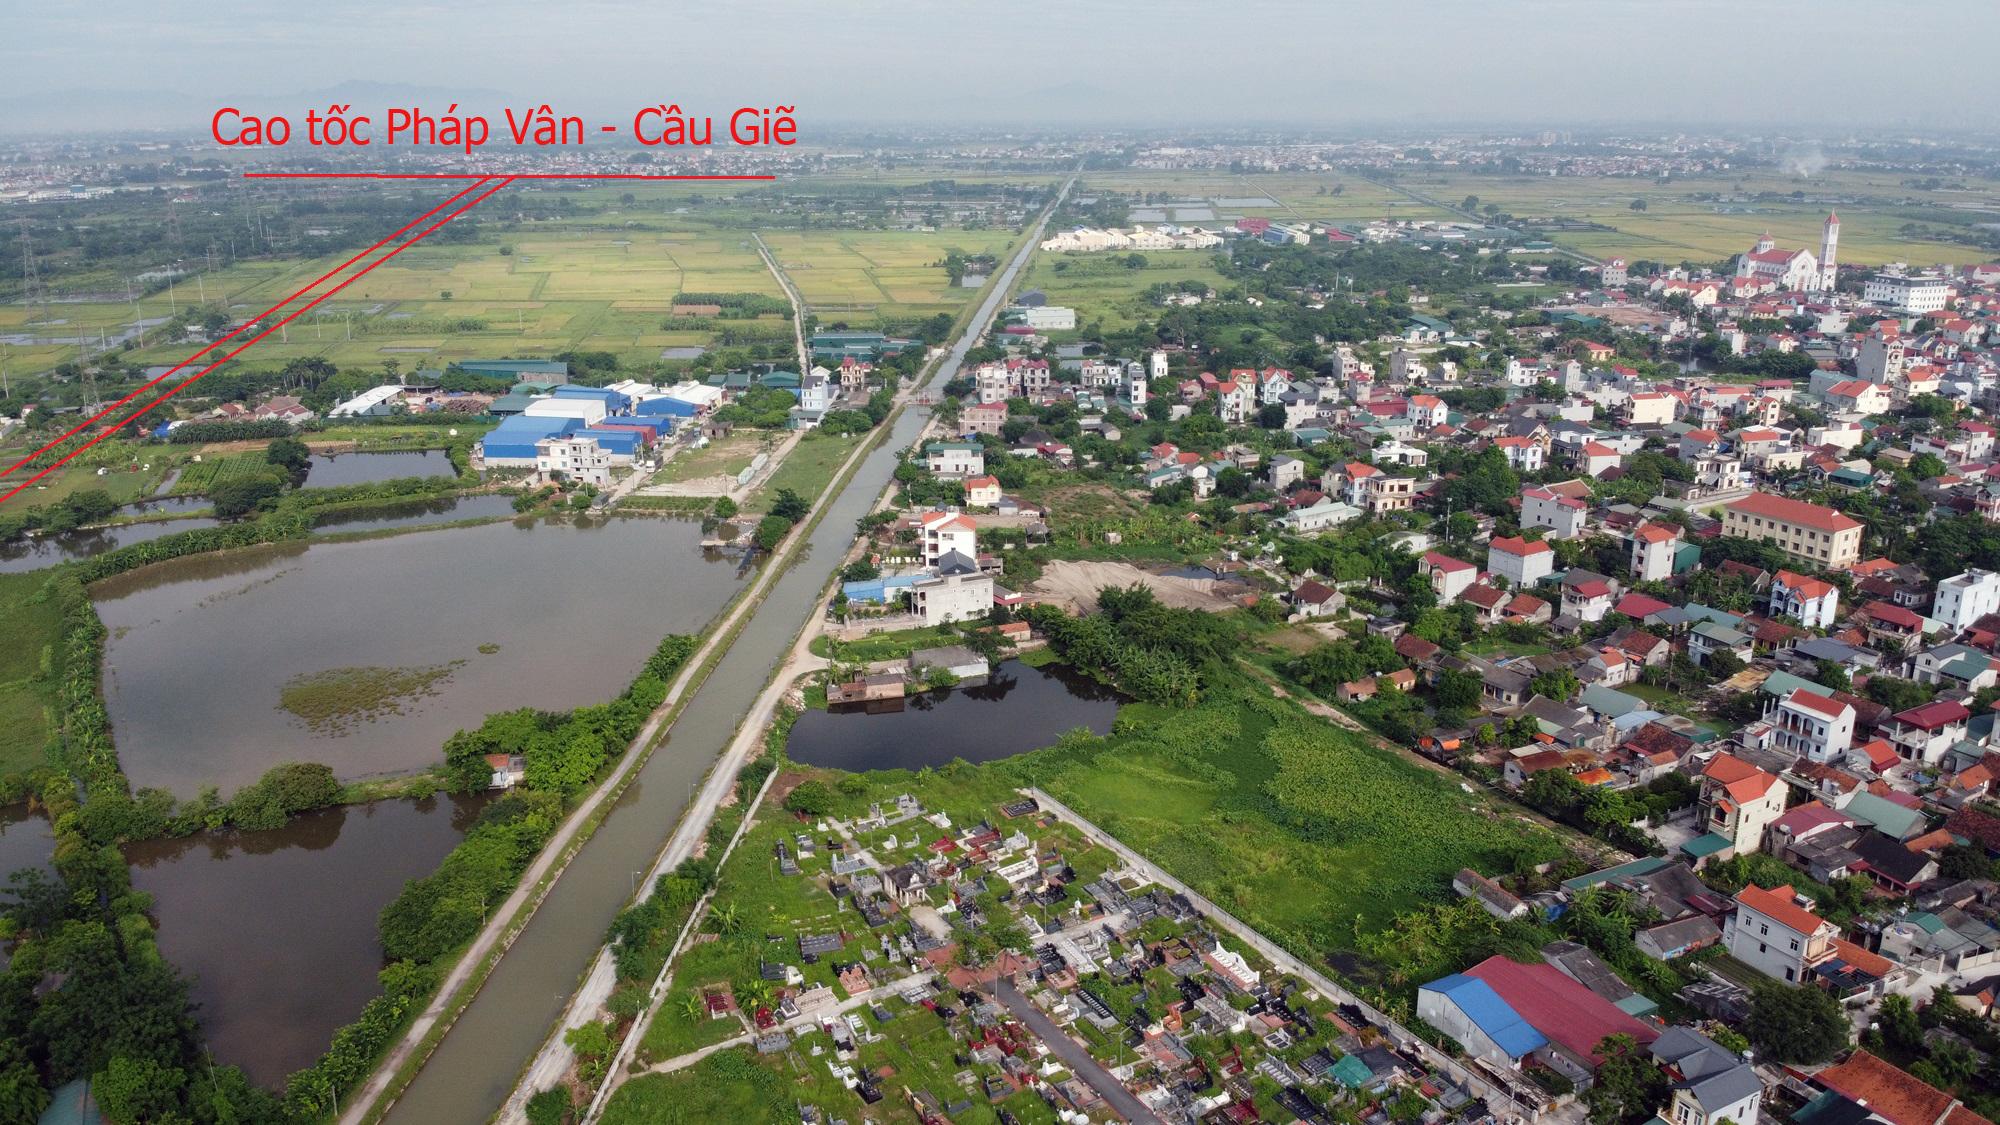 Cầu sẽ mở theo qui hoạch ở Hà Nội: Toàn cảnh vị trí làm cầu Mễ Sở nối Văn Giang - Thường Tín - Ảnh 5.